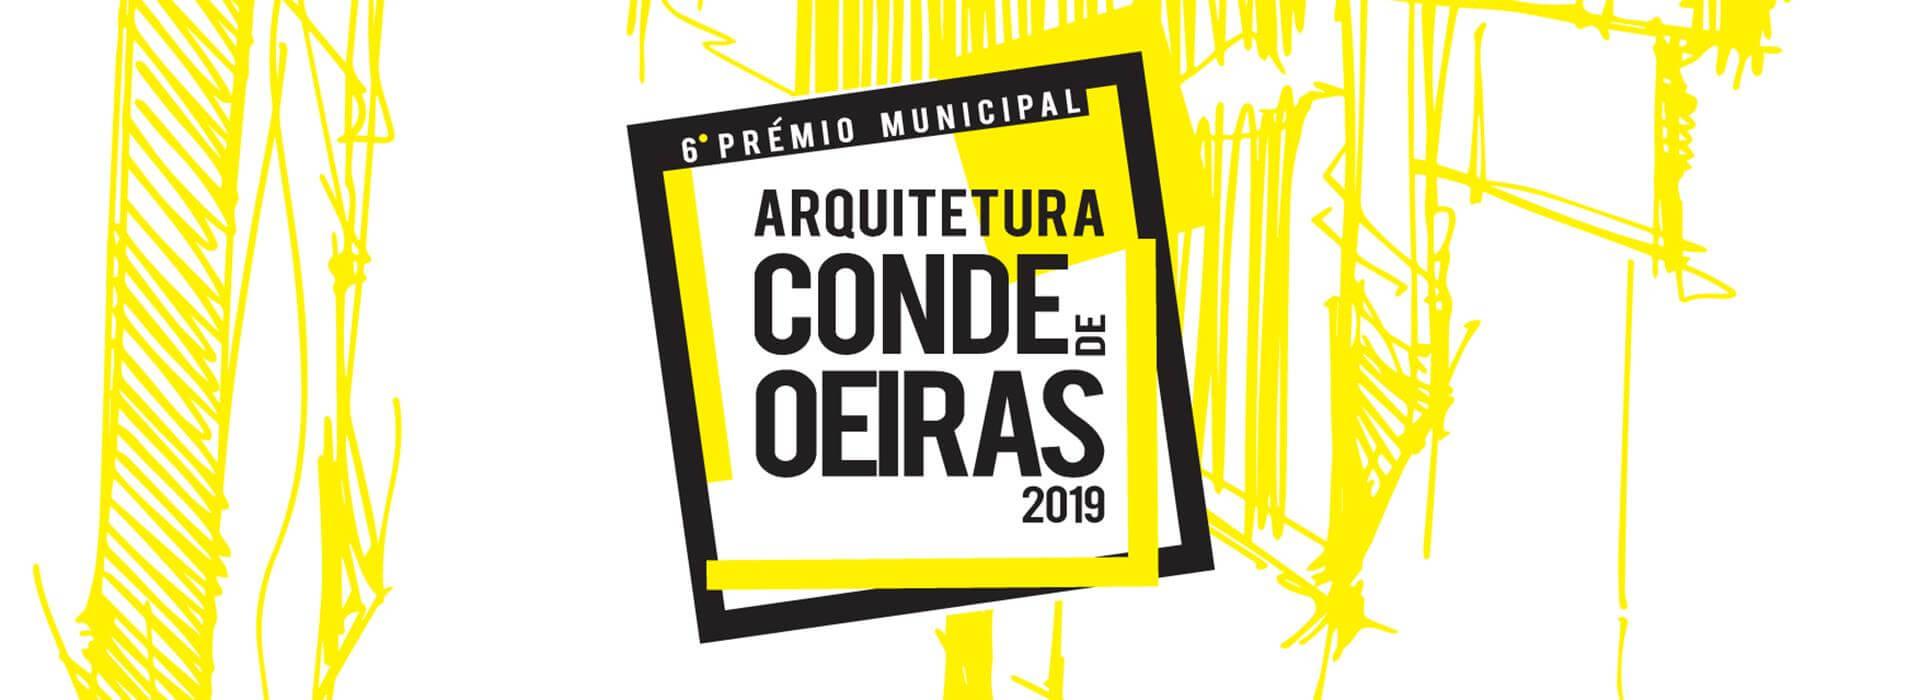 VI Edição do Prémio Municipal de Arquitetura Conde de Oeiras